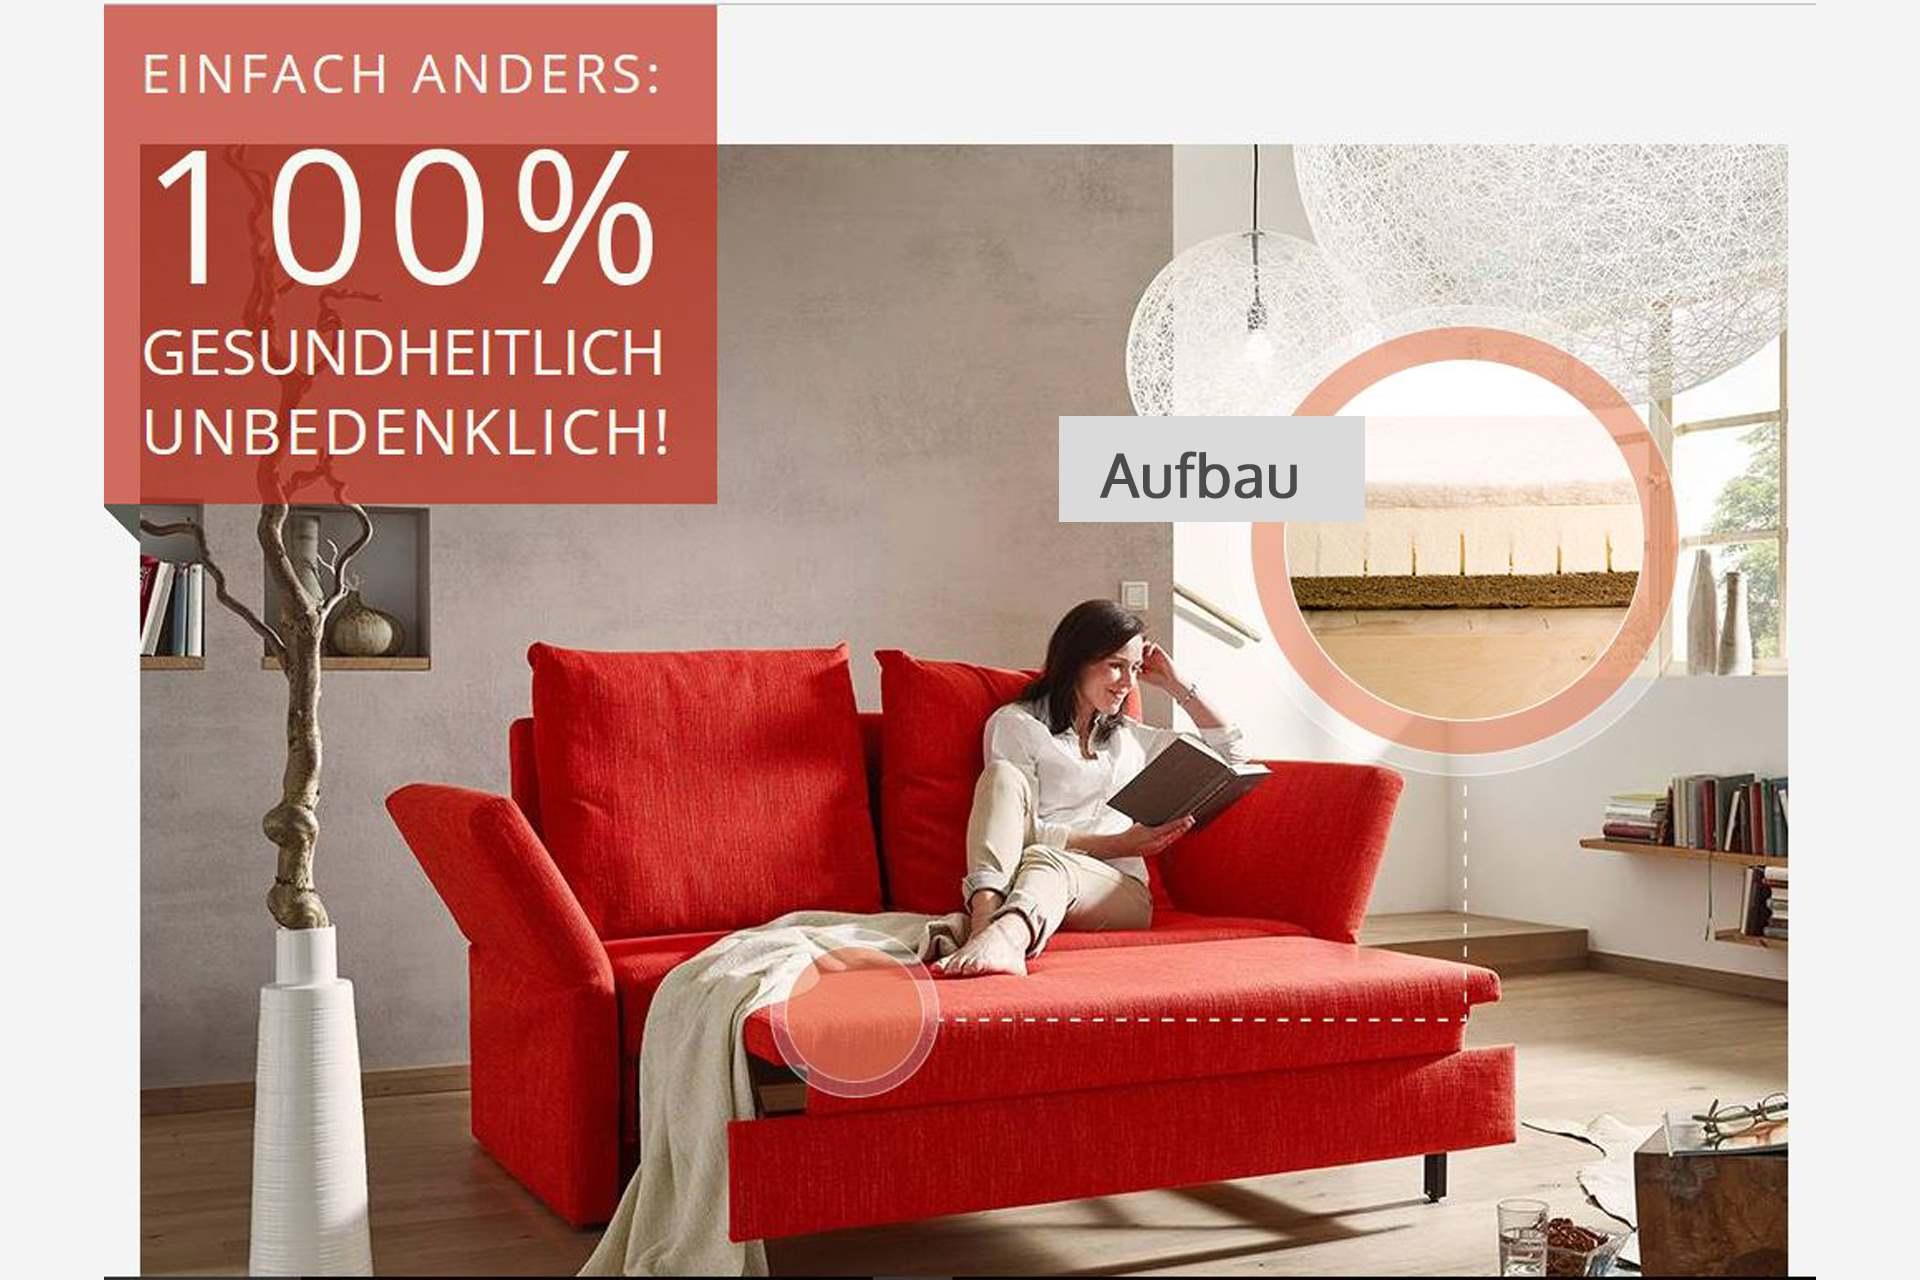 sofas mit naturpolsterung wohnopposition berlin. Black Bedroom Furniture Sets. Home Design Ideas